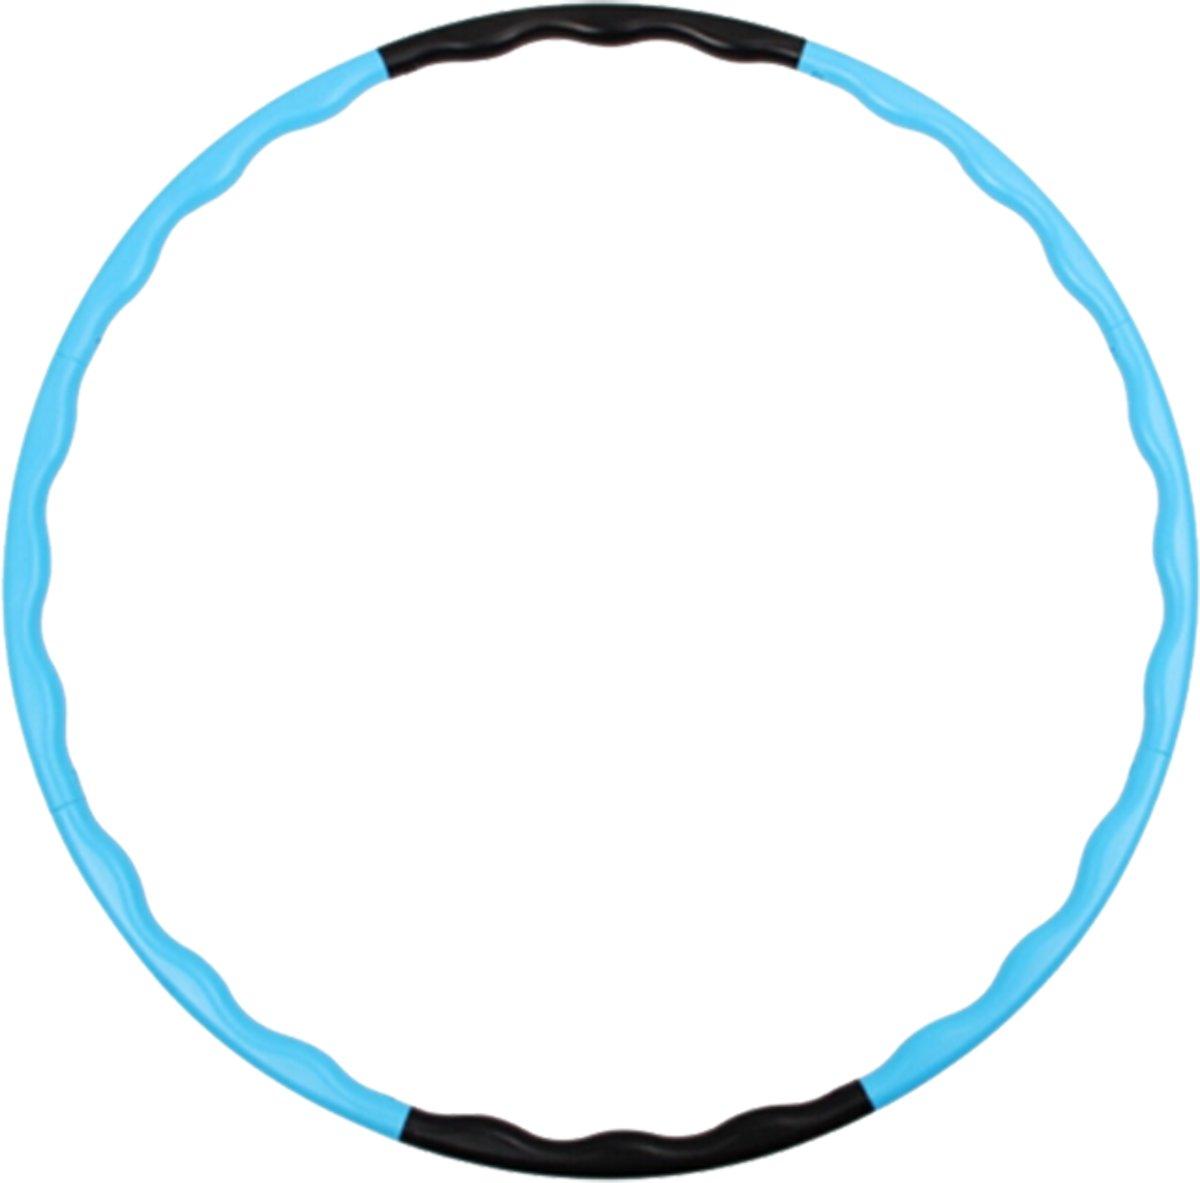 Fitness Hoelahoep   Fitness hoepel   Fitness hulahoop   Blauw/Zwart kopen